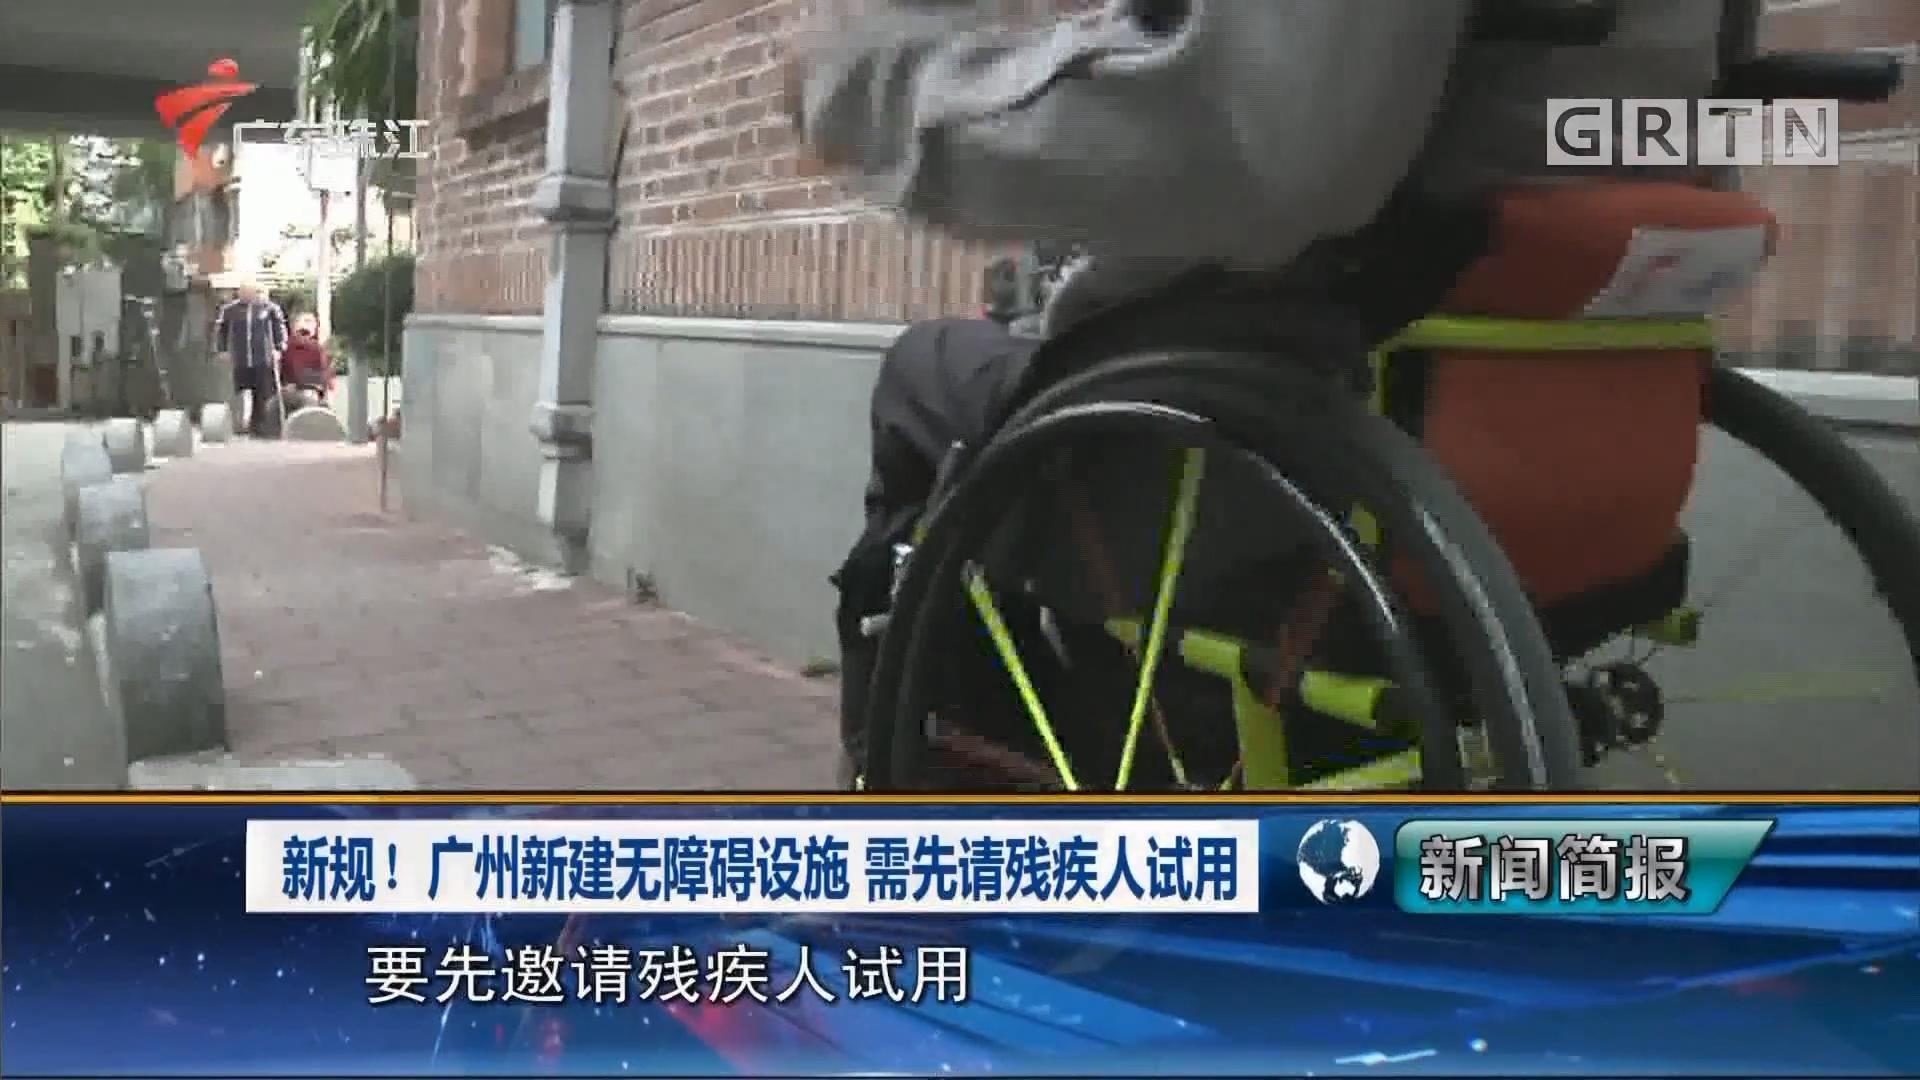 新规!广州新建无障碍设施 需先请残疾人试用